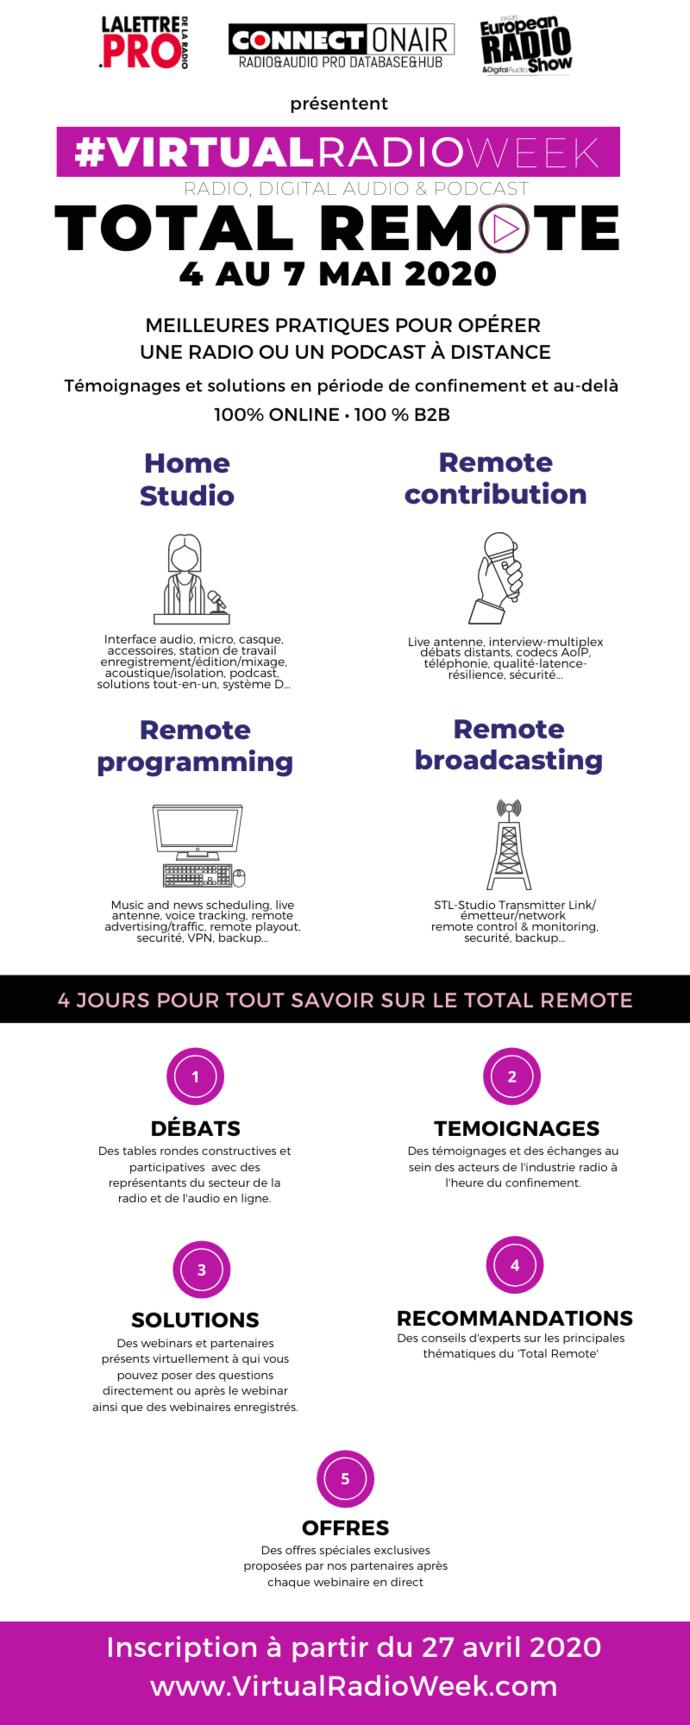 """""""La Lettre Pro à la maison"""" : tout savoir sur la Virtual Radio Week"""